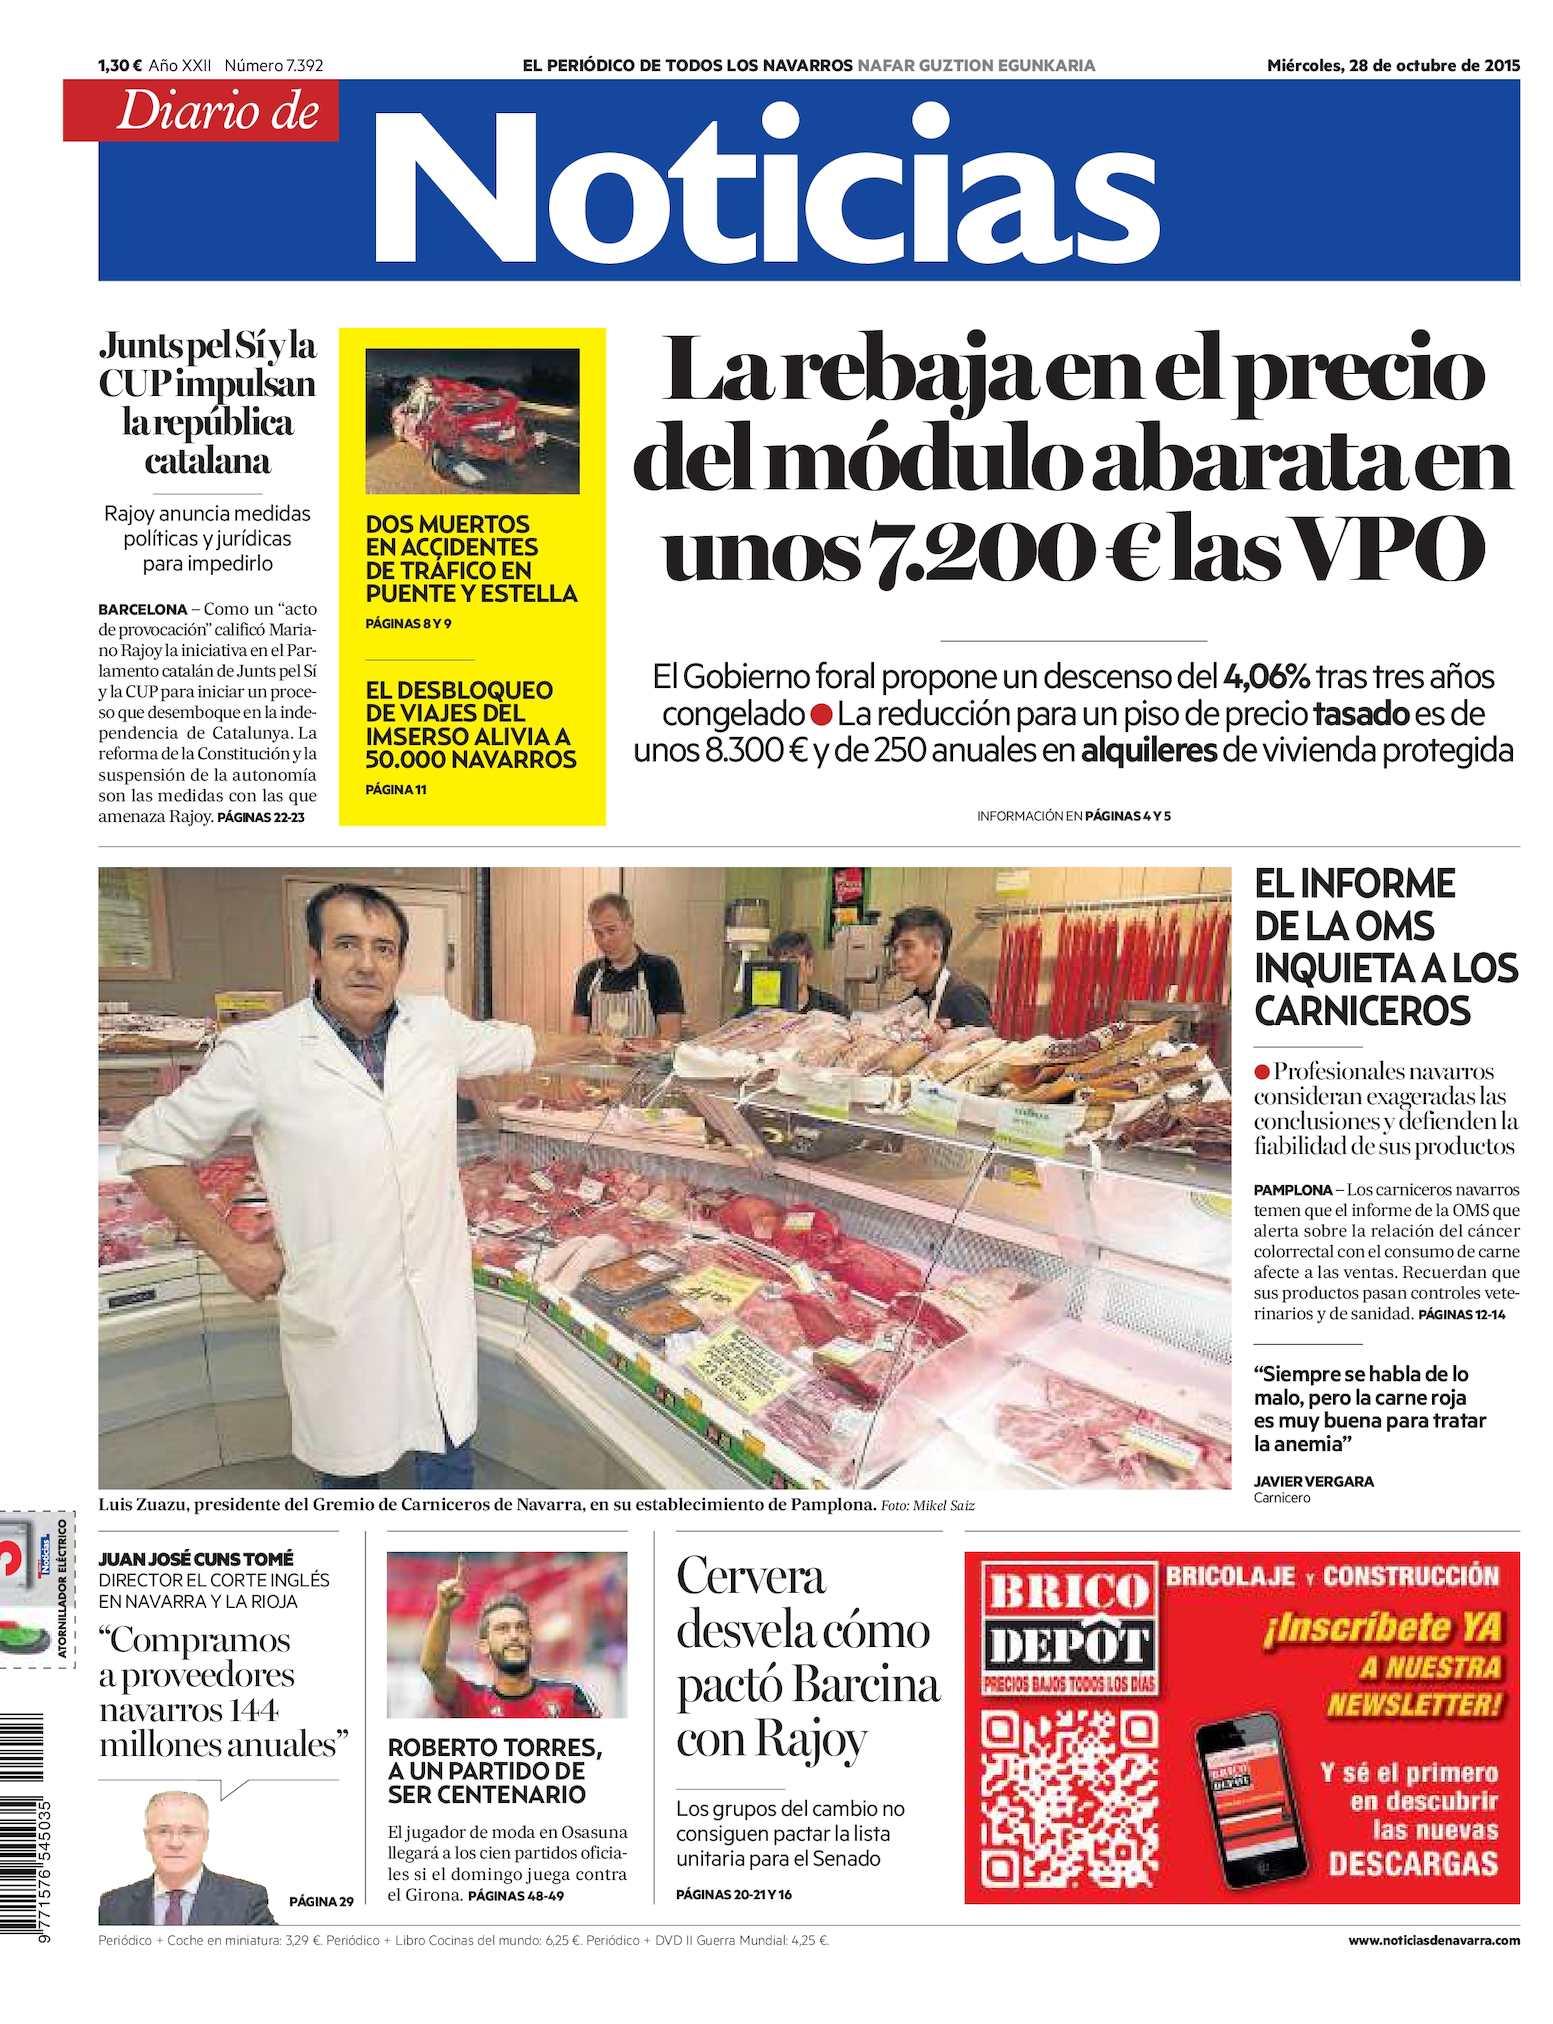 29ee68a31582 Calaméo - Diario de Noticias 20151028